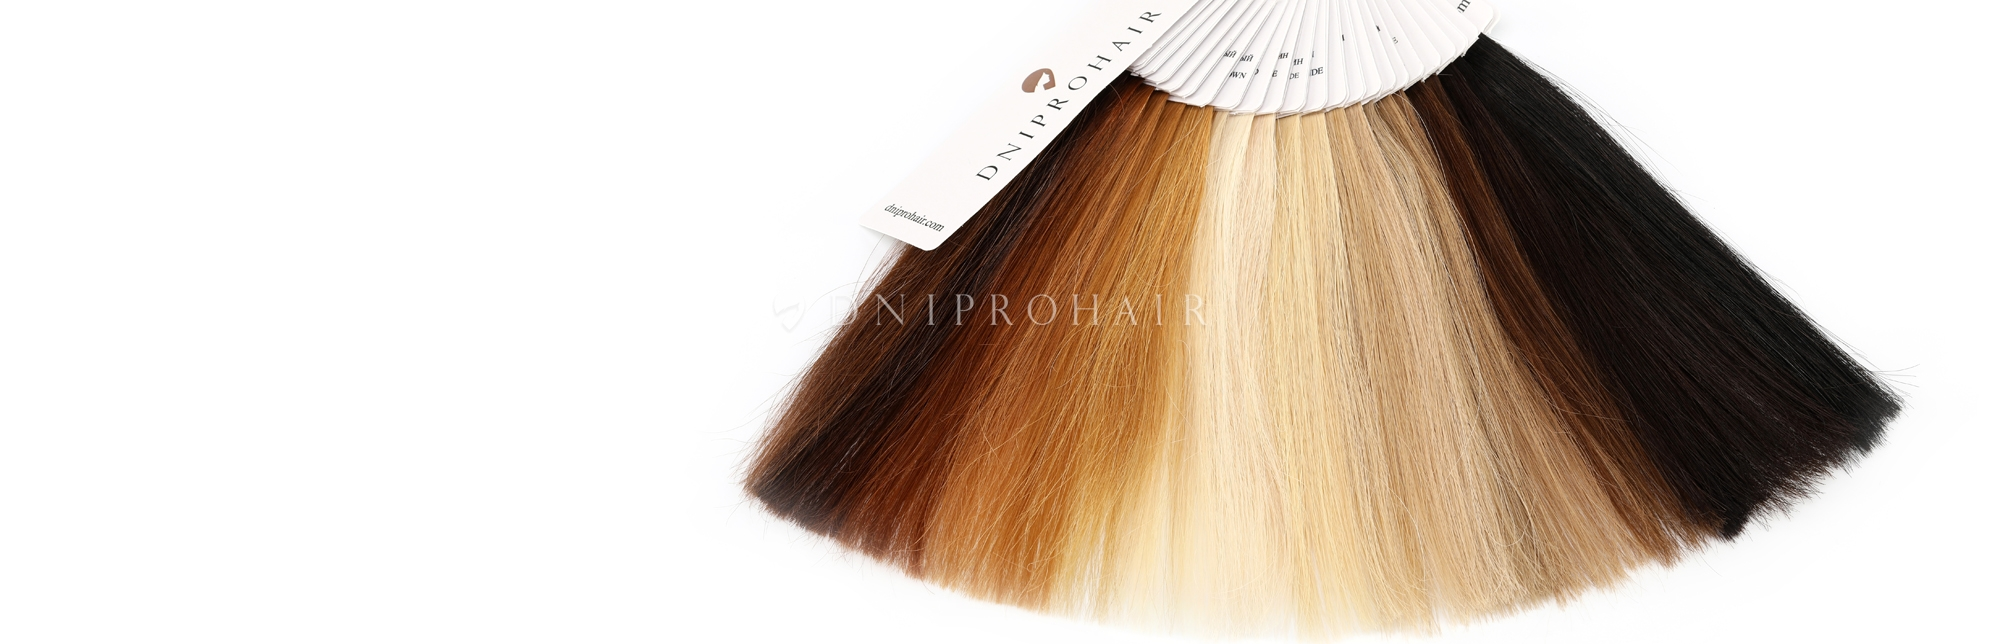 Палитра для наращивания волос